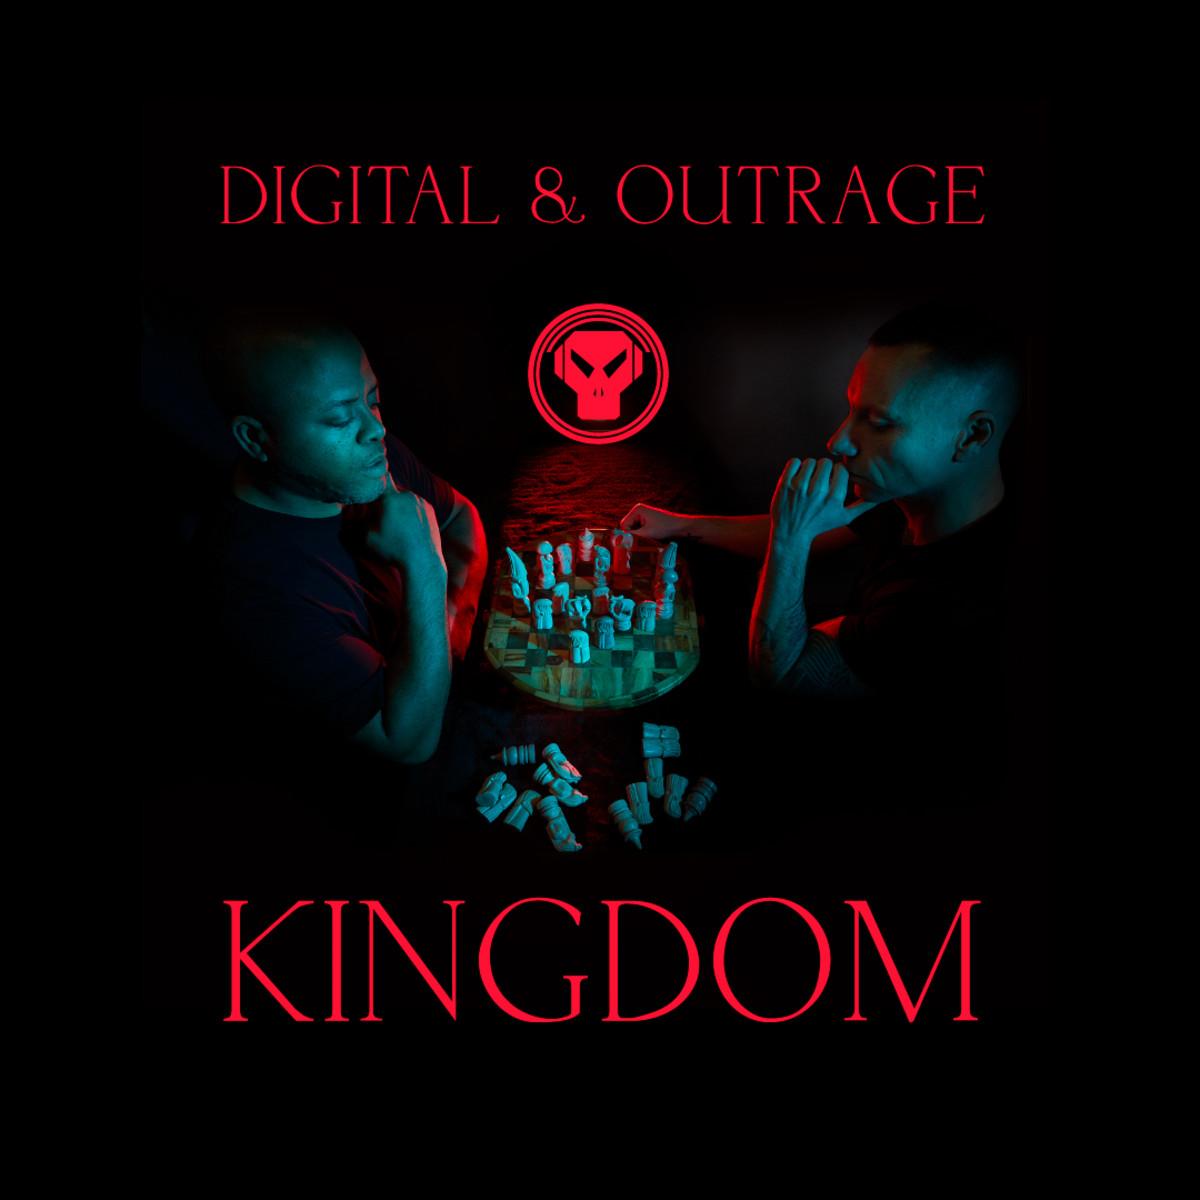 Digital & Outrage - Kingdom [Metalheadz]